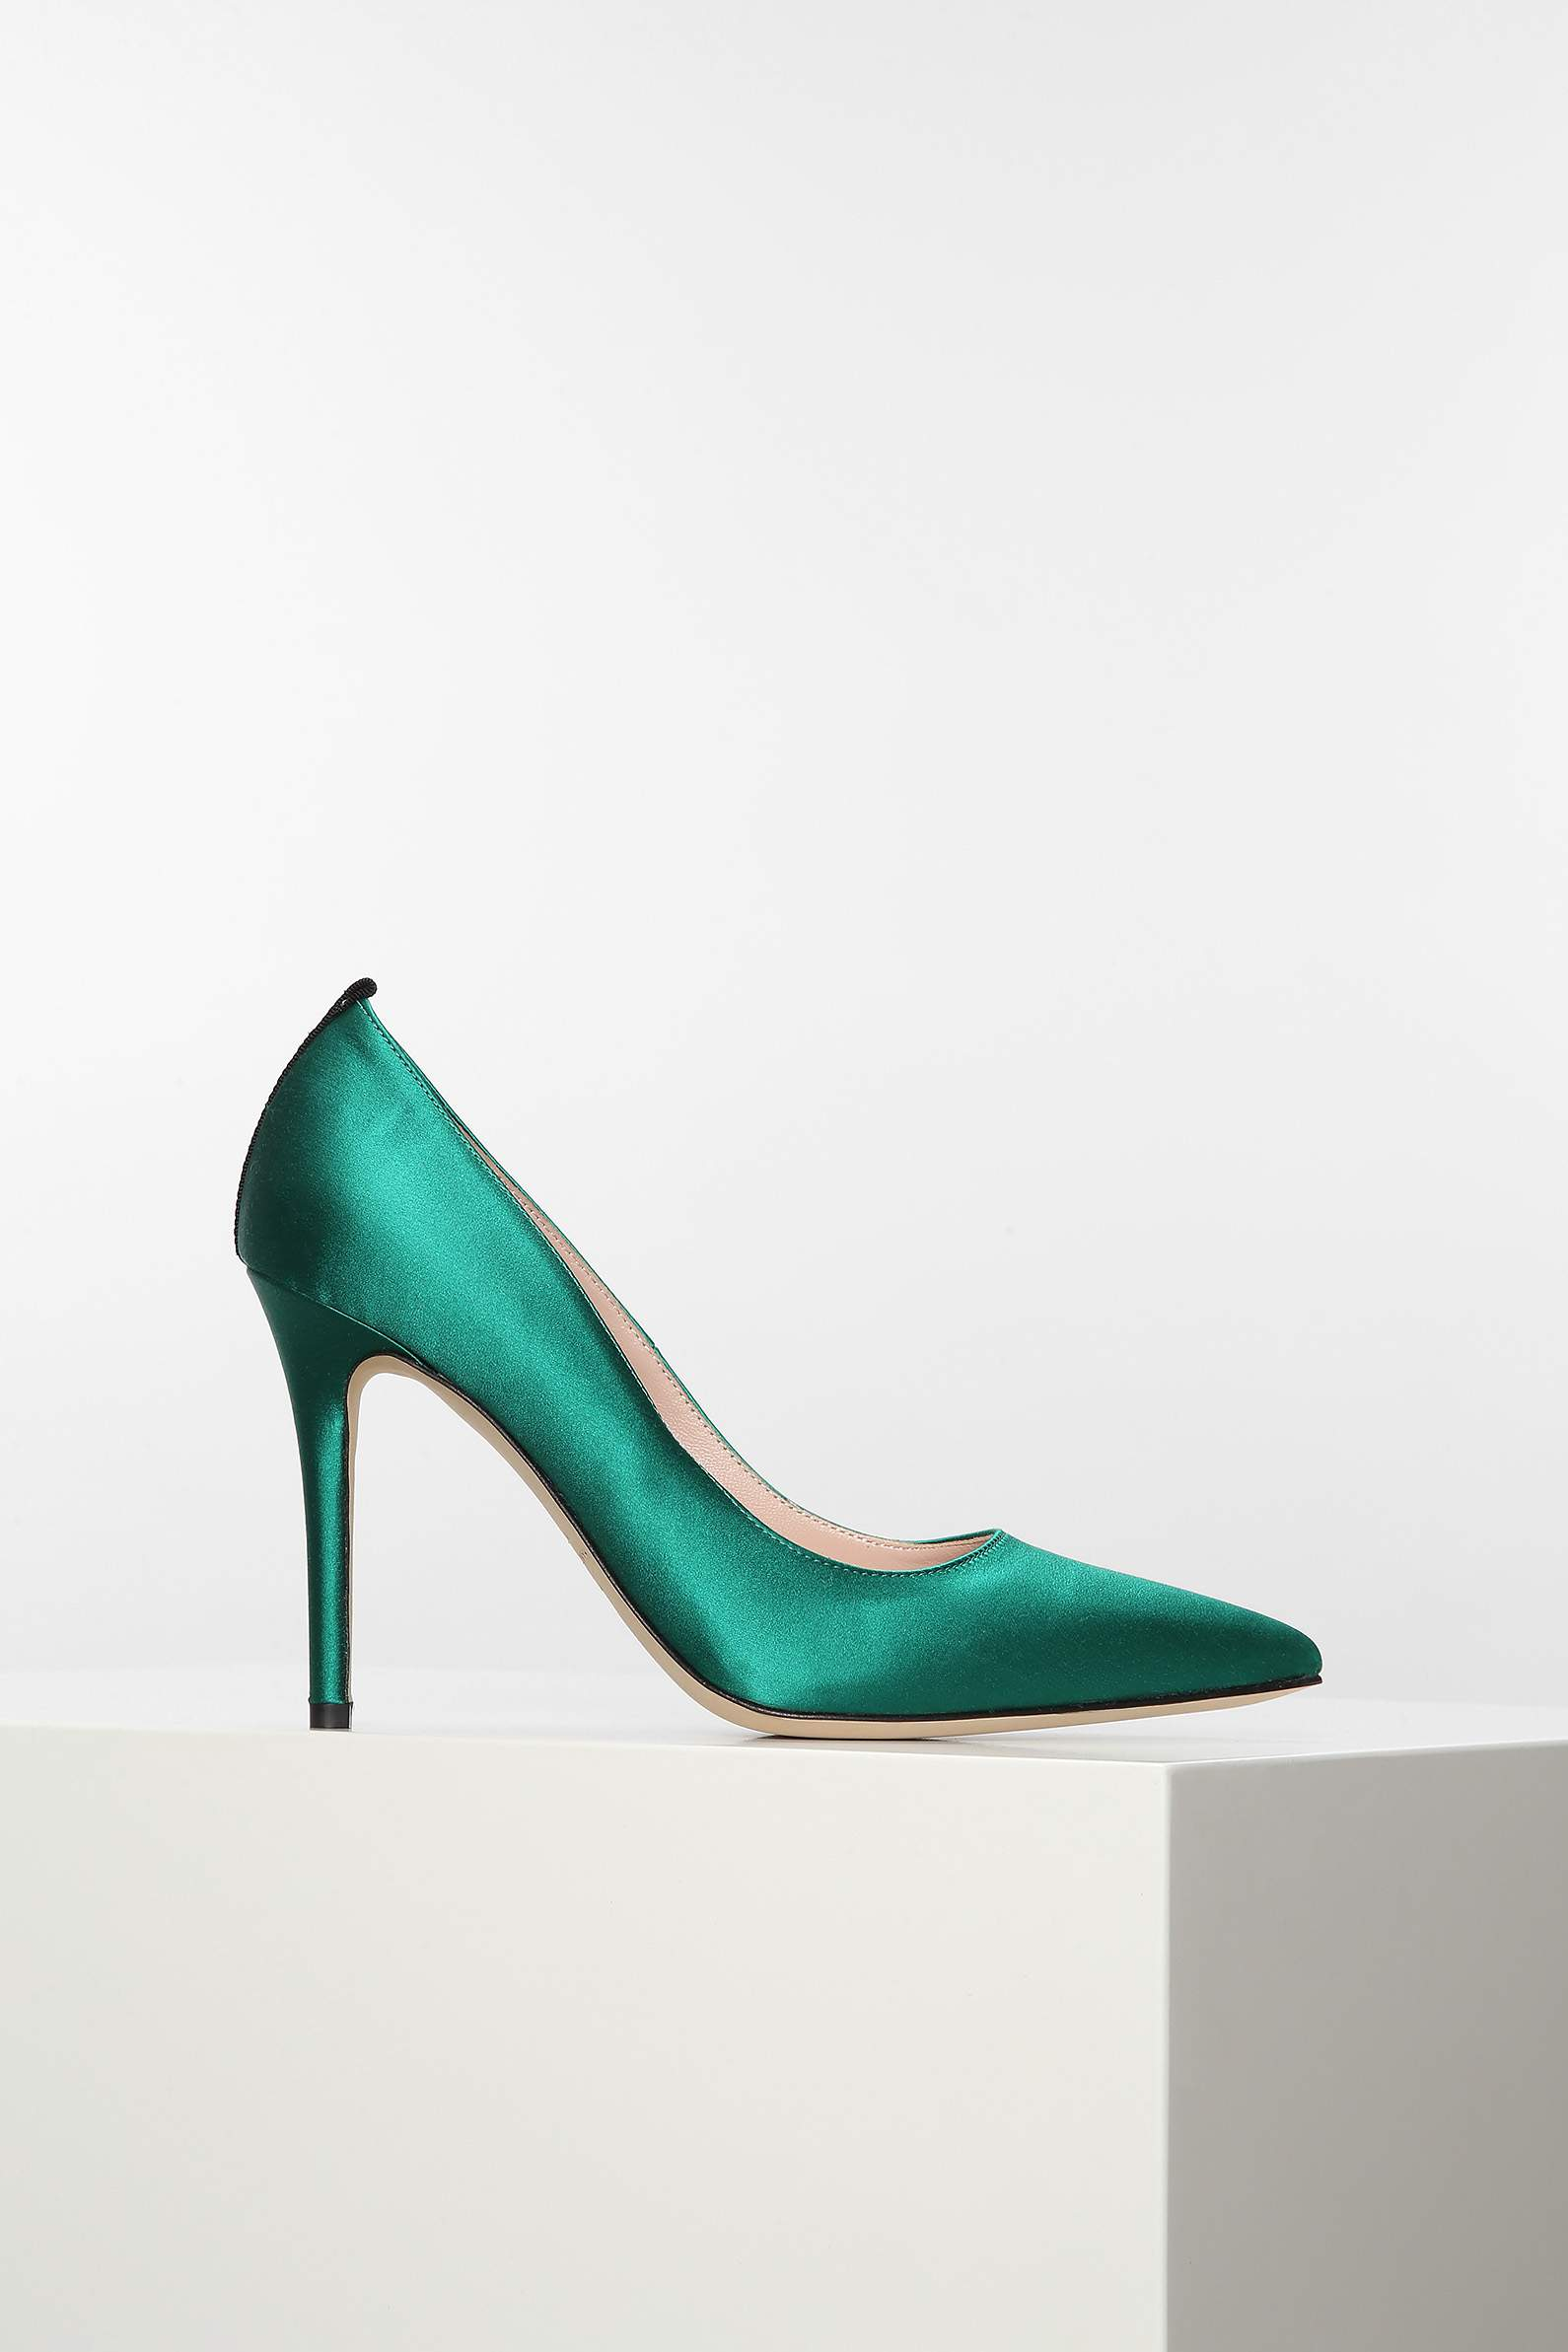 Взуття Сари Джессіки Паркер коштує понад 10 тисяч гривень